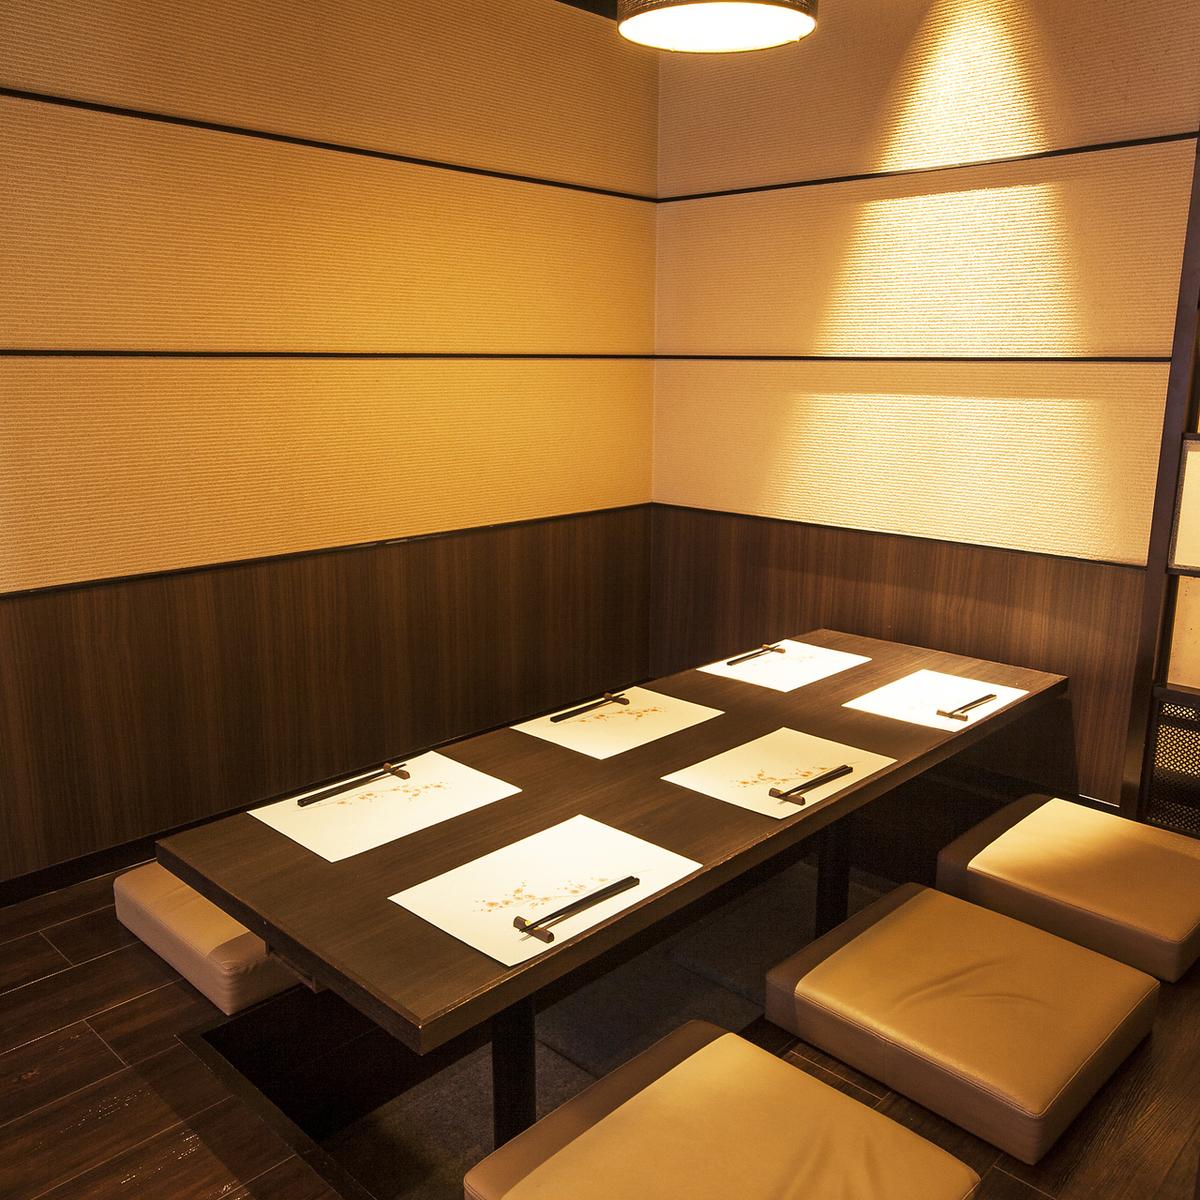 【全席個室】様々なご利用に最適の掘りごたつ個室